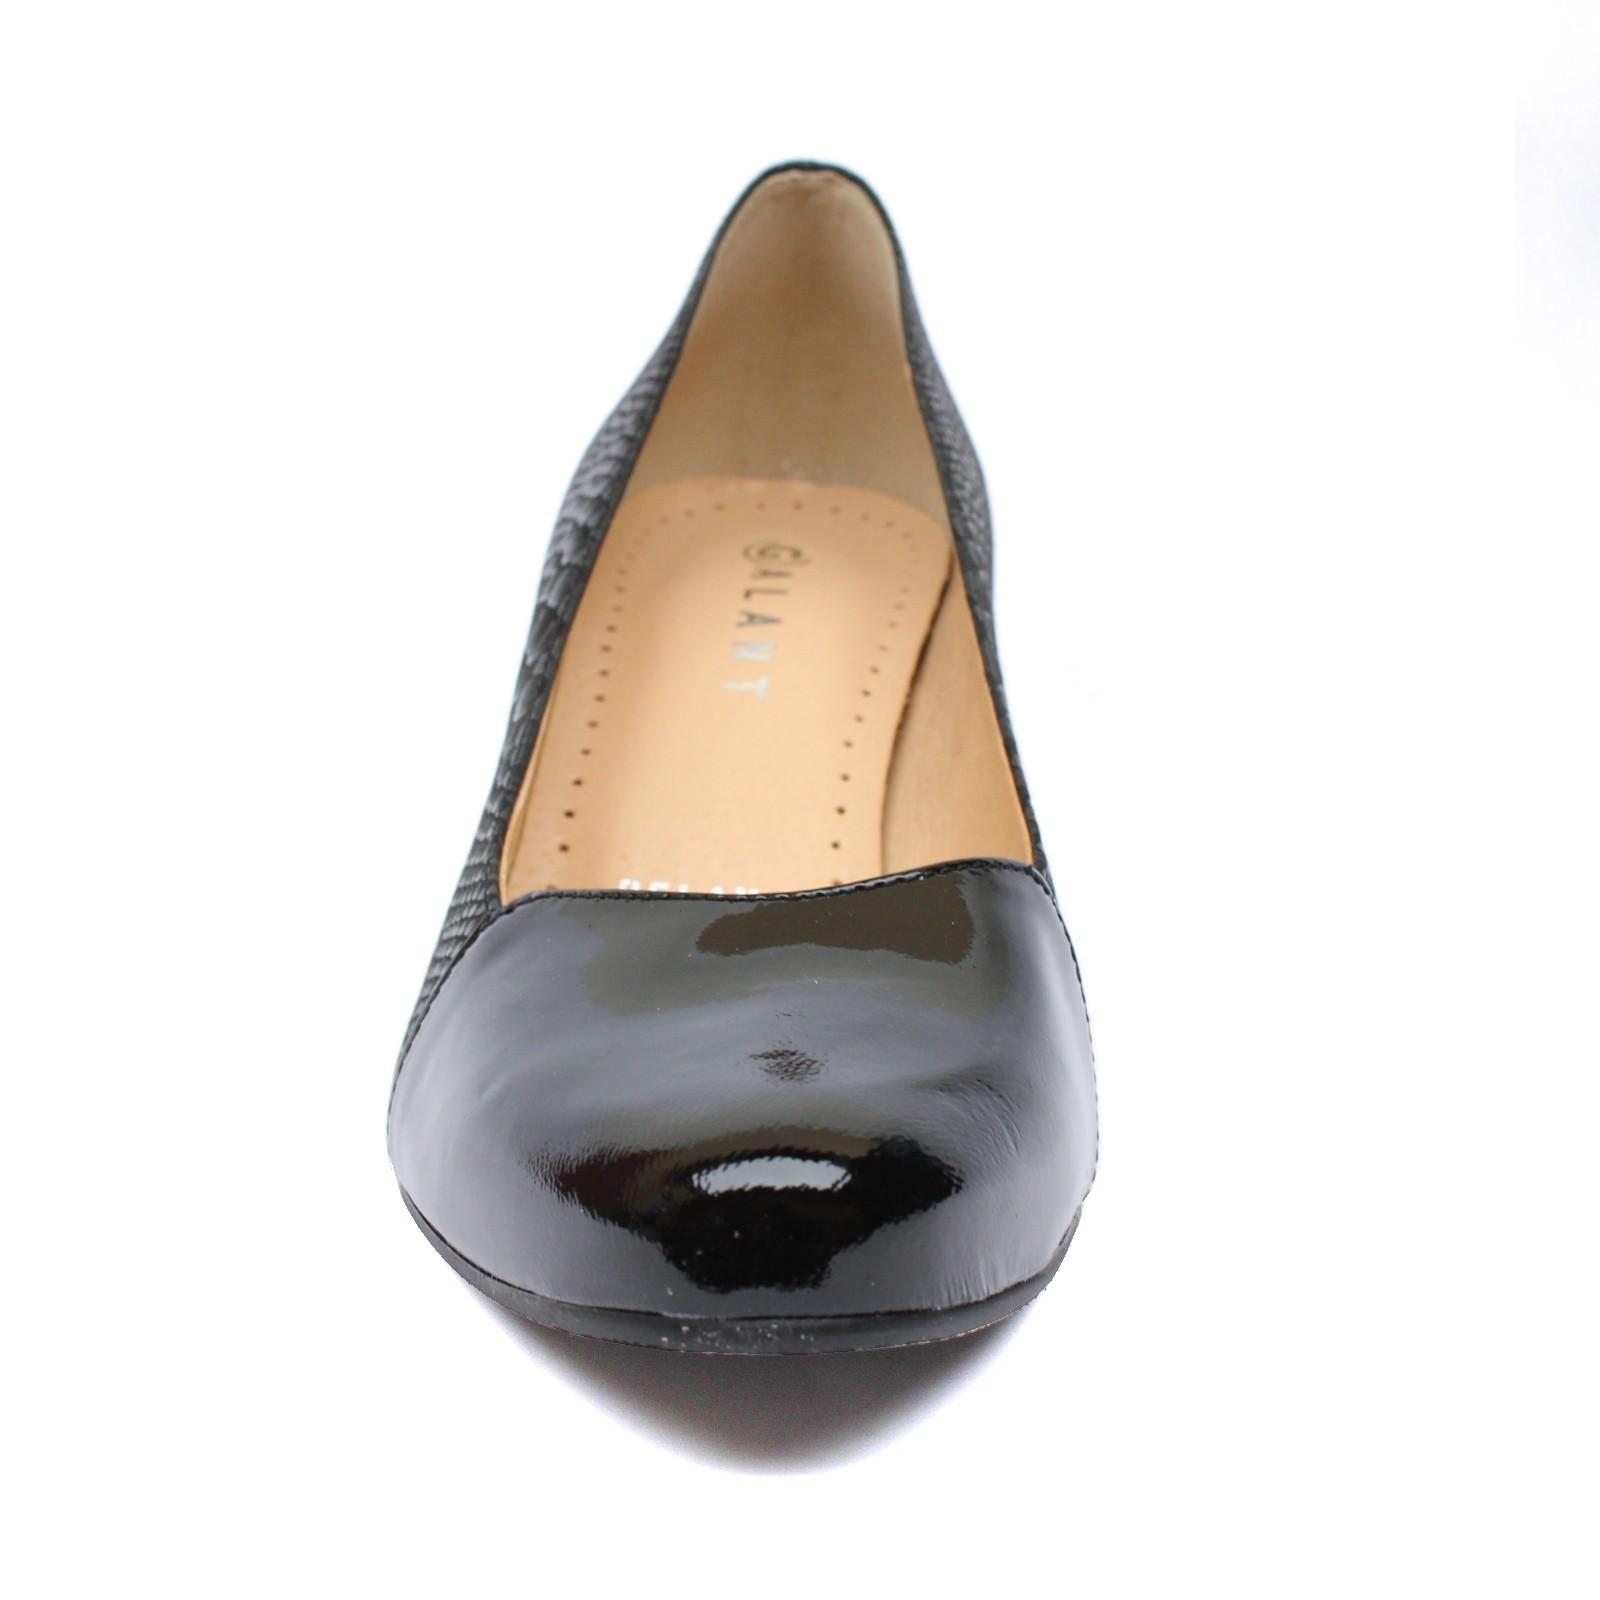 03661 Galant női pumps 4123 Női pumpsbebújós cipő